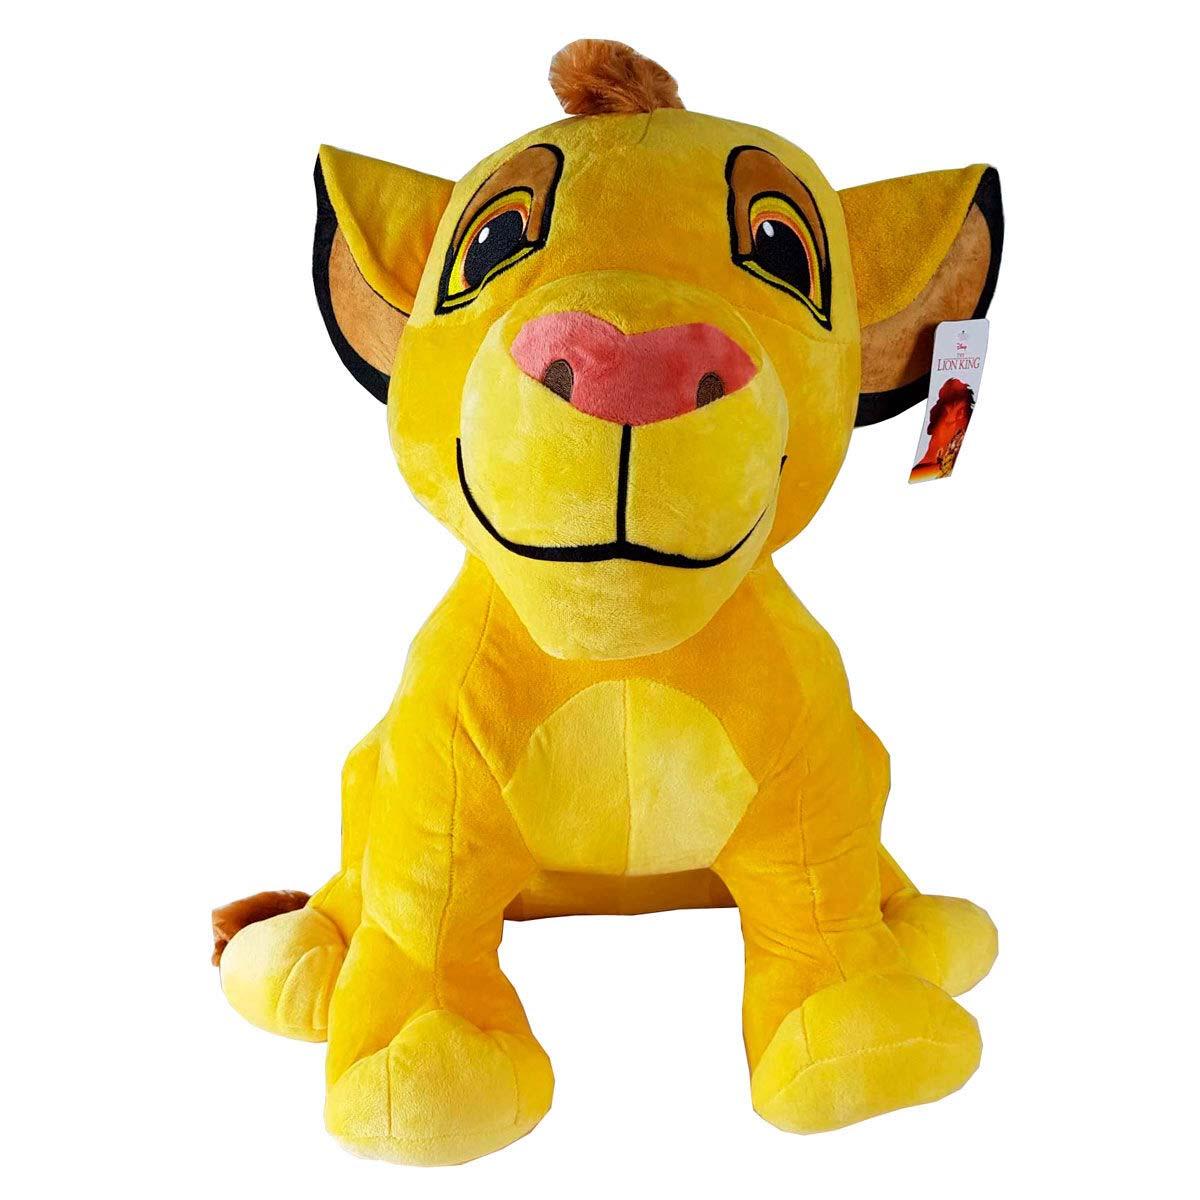 Peluche Simba 60 Cm El Rey Leon Disney